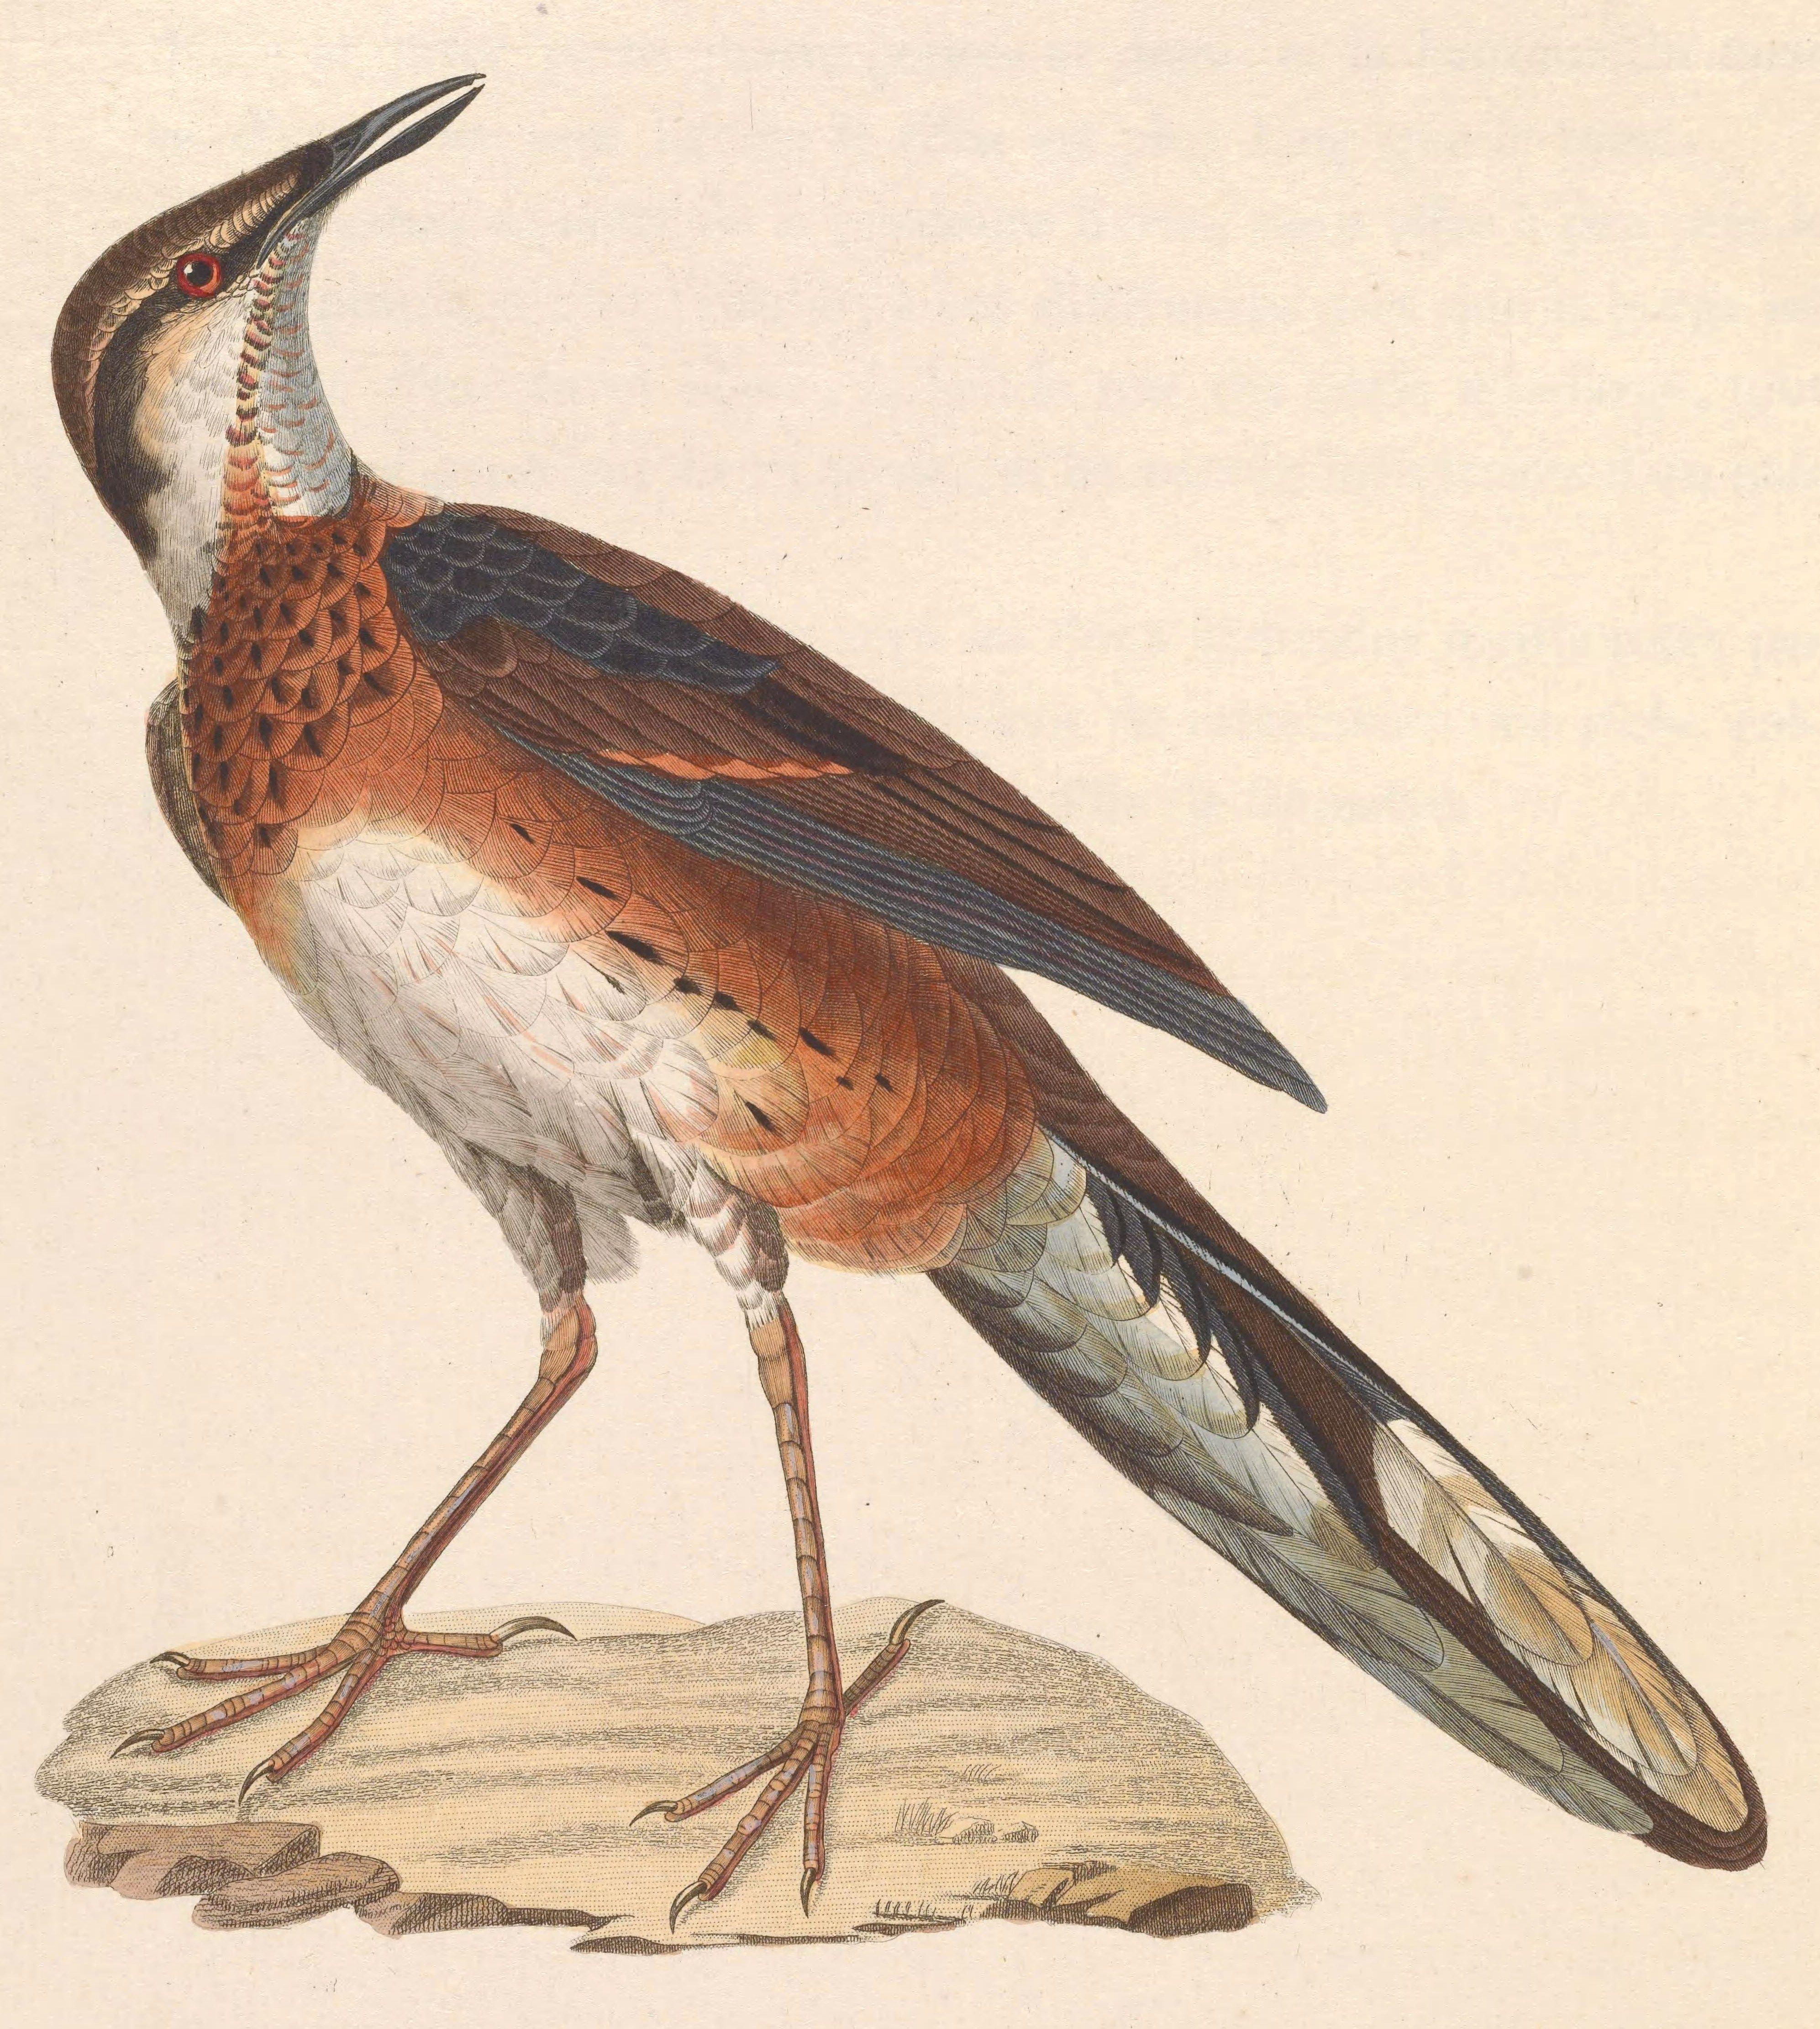 5582. Painted Quail-thrush (Cinclosoma ajax) | Indonesia, Papua New Guinea